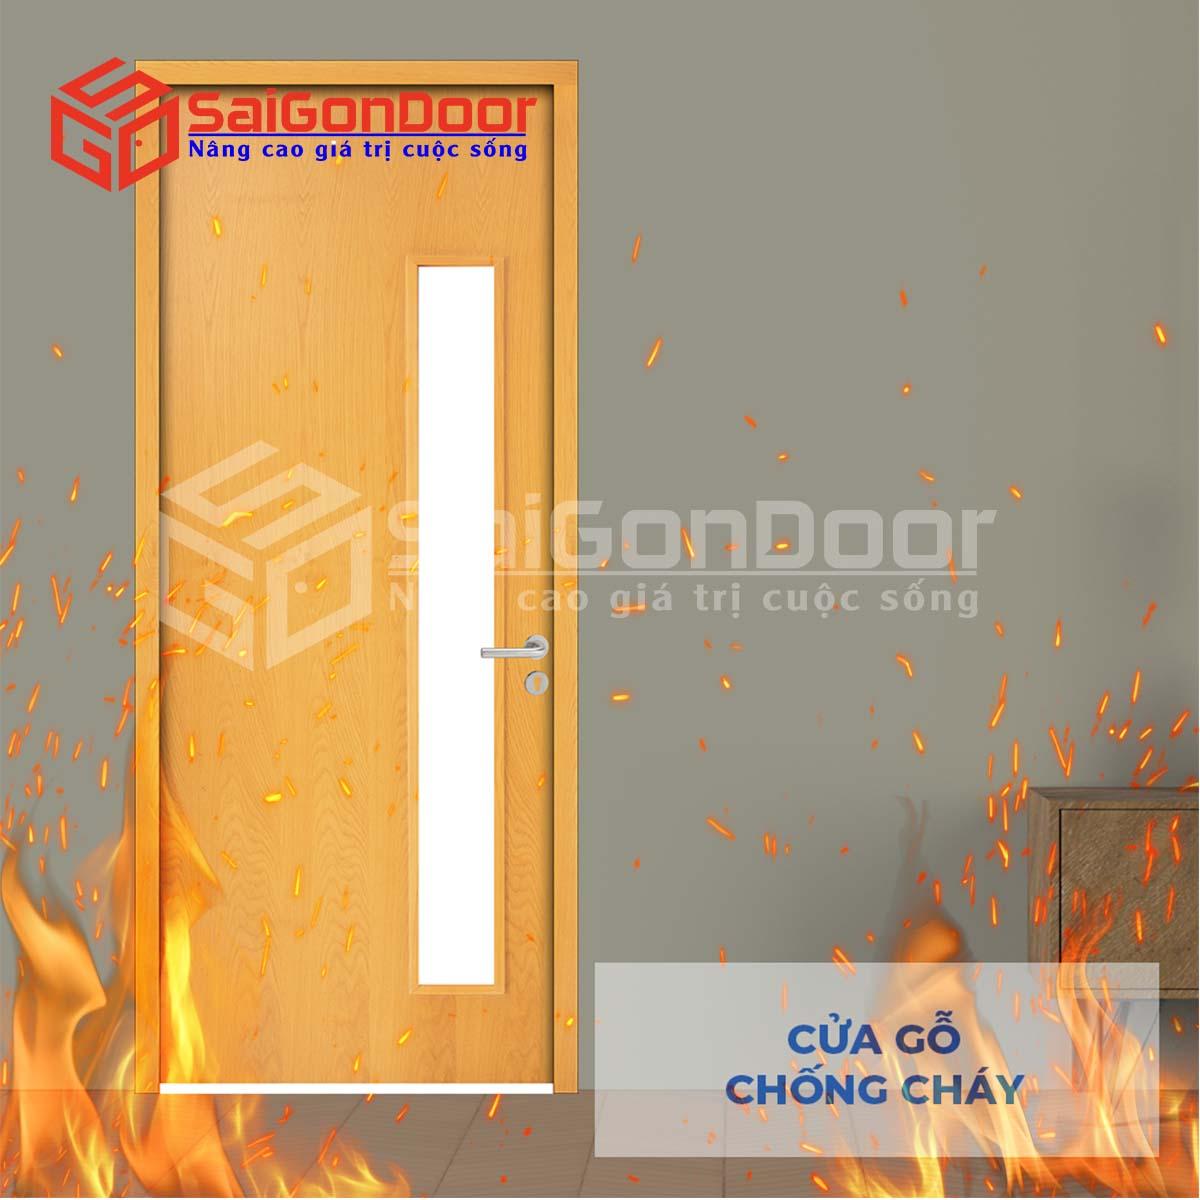 Cửa gỗ chống cháy với tính năng cách âm tạo khoảng không gian riêng tư cần thiết khi sử dụng